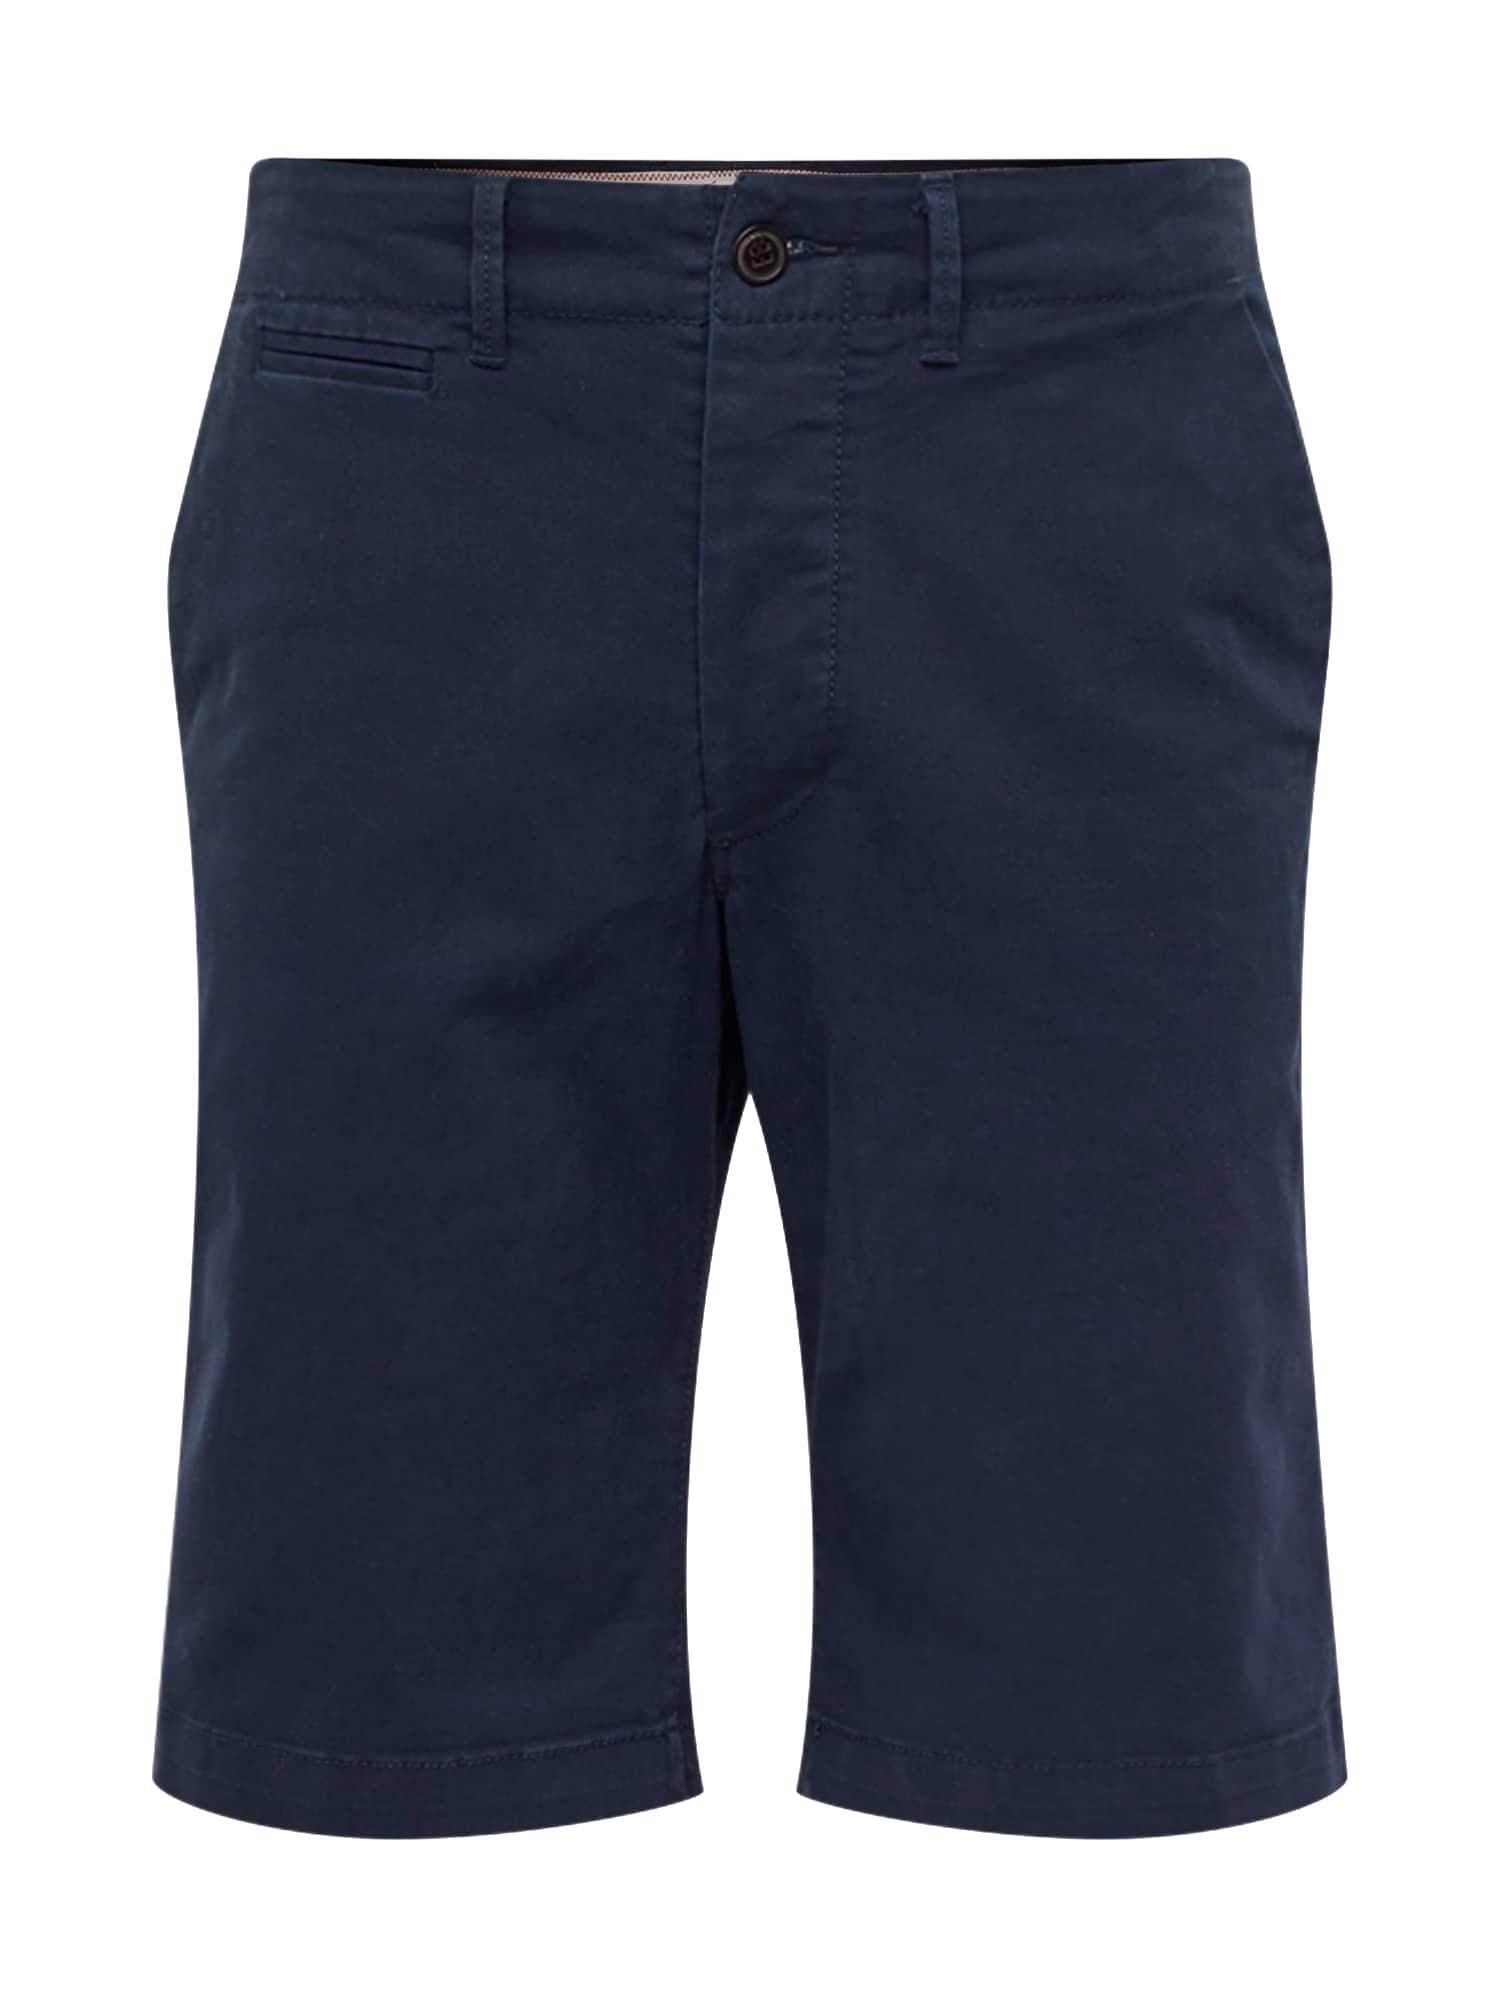 Chino kalhoty Enzo tmavě modrá JACK & JONES